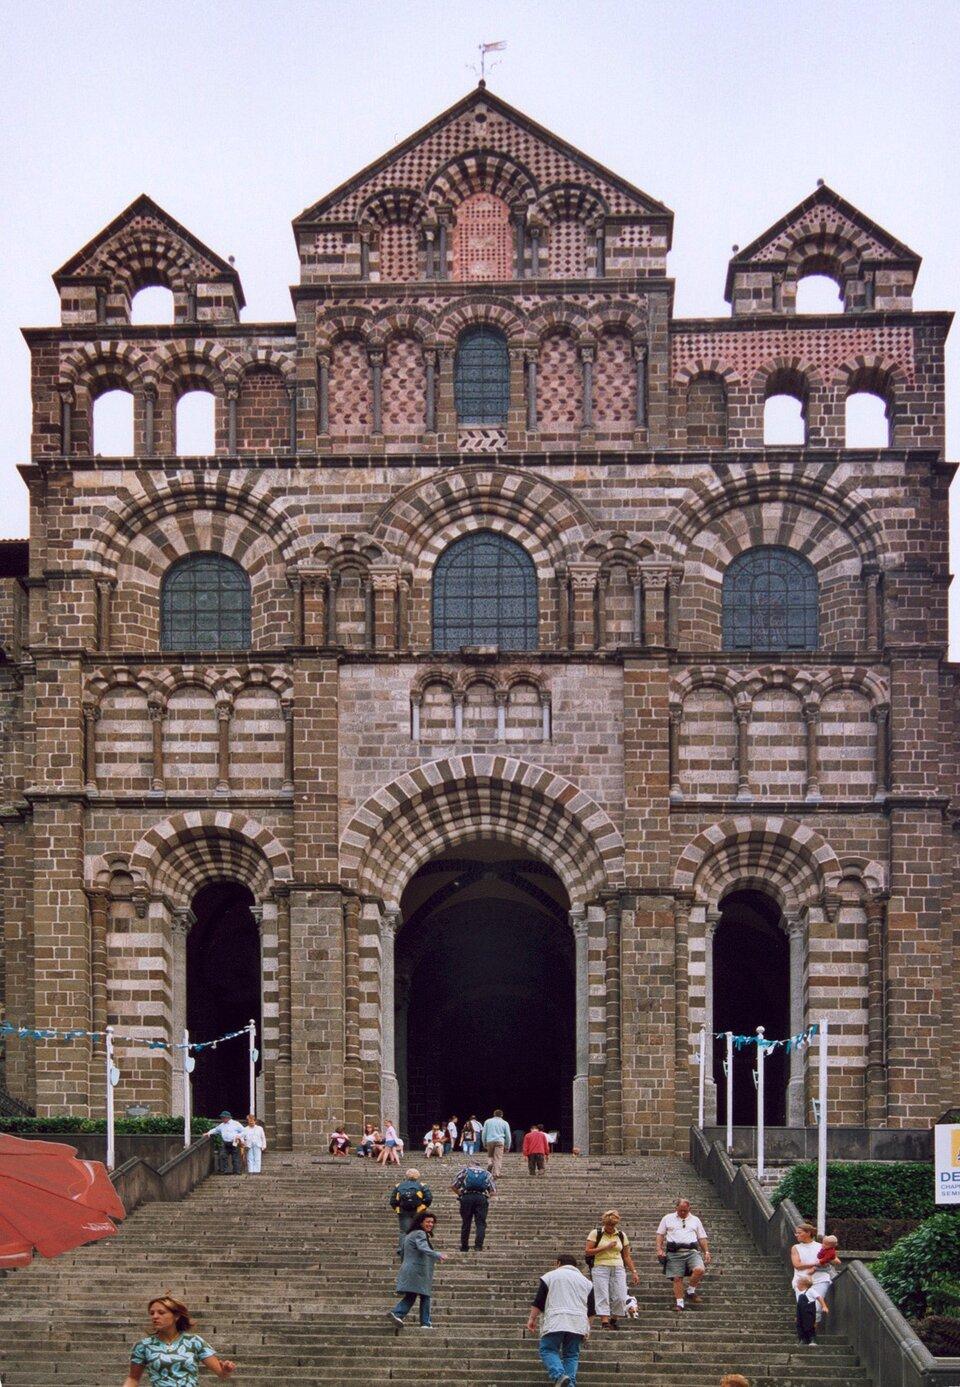 Katedra wLe Puy-en-Velay, Owernia, 1 poł. XII w. Źródło: Patrick Giraud, Katedra wLe Puy-en-Velay, Owernia, 1 poł. XII w., licencja: CC BY-SA 1.0.